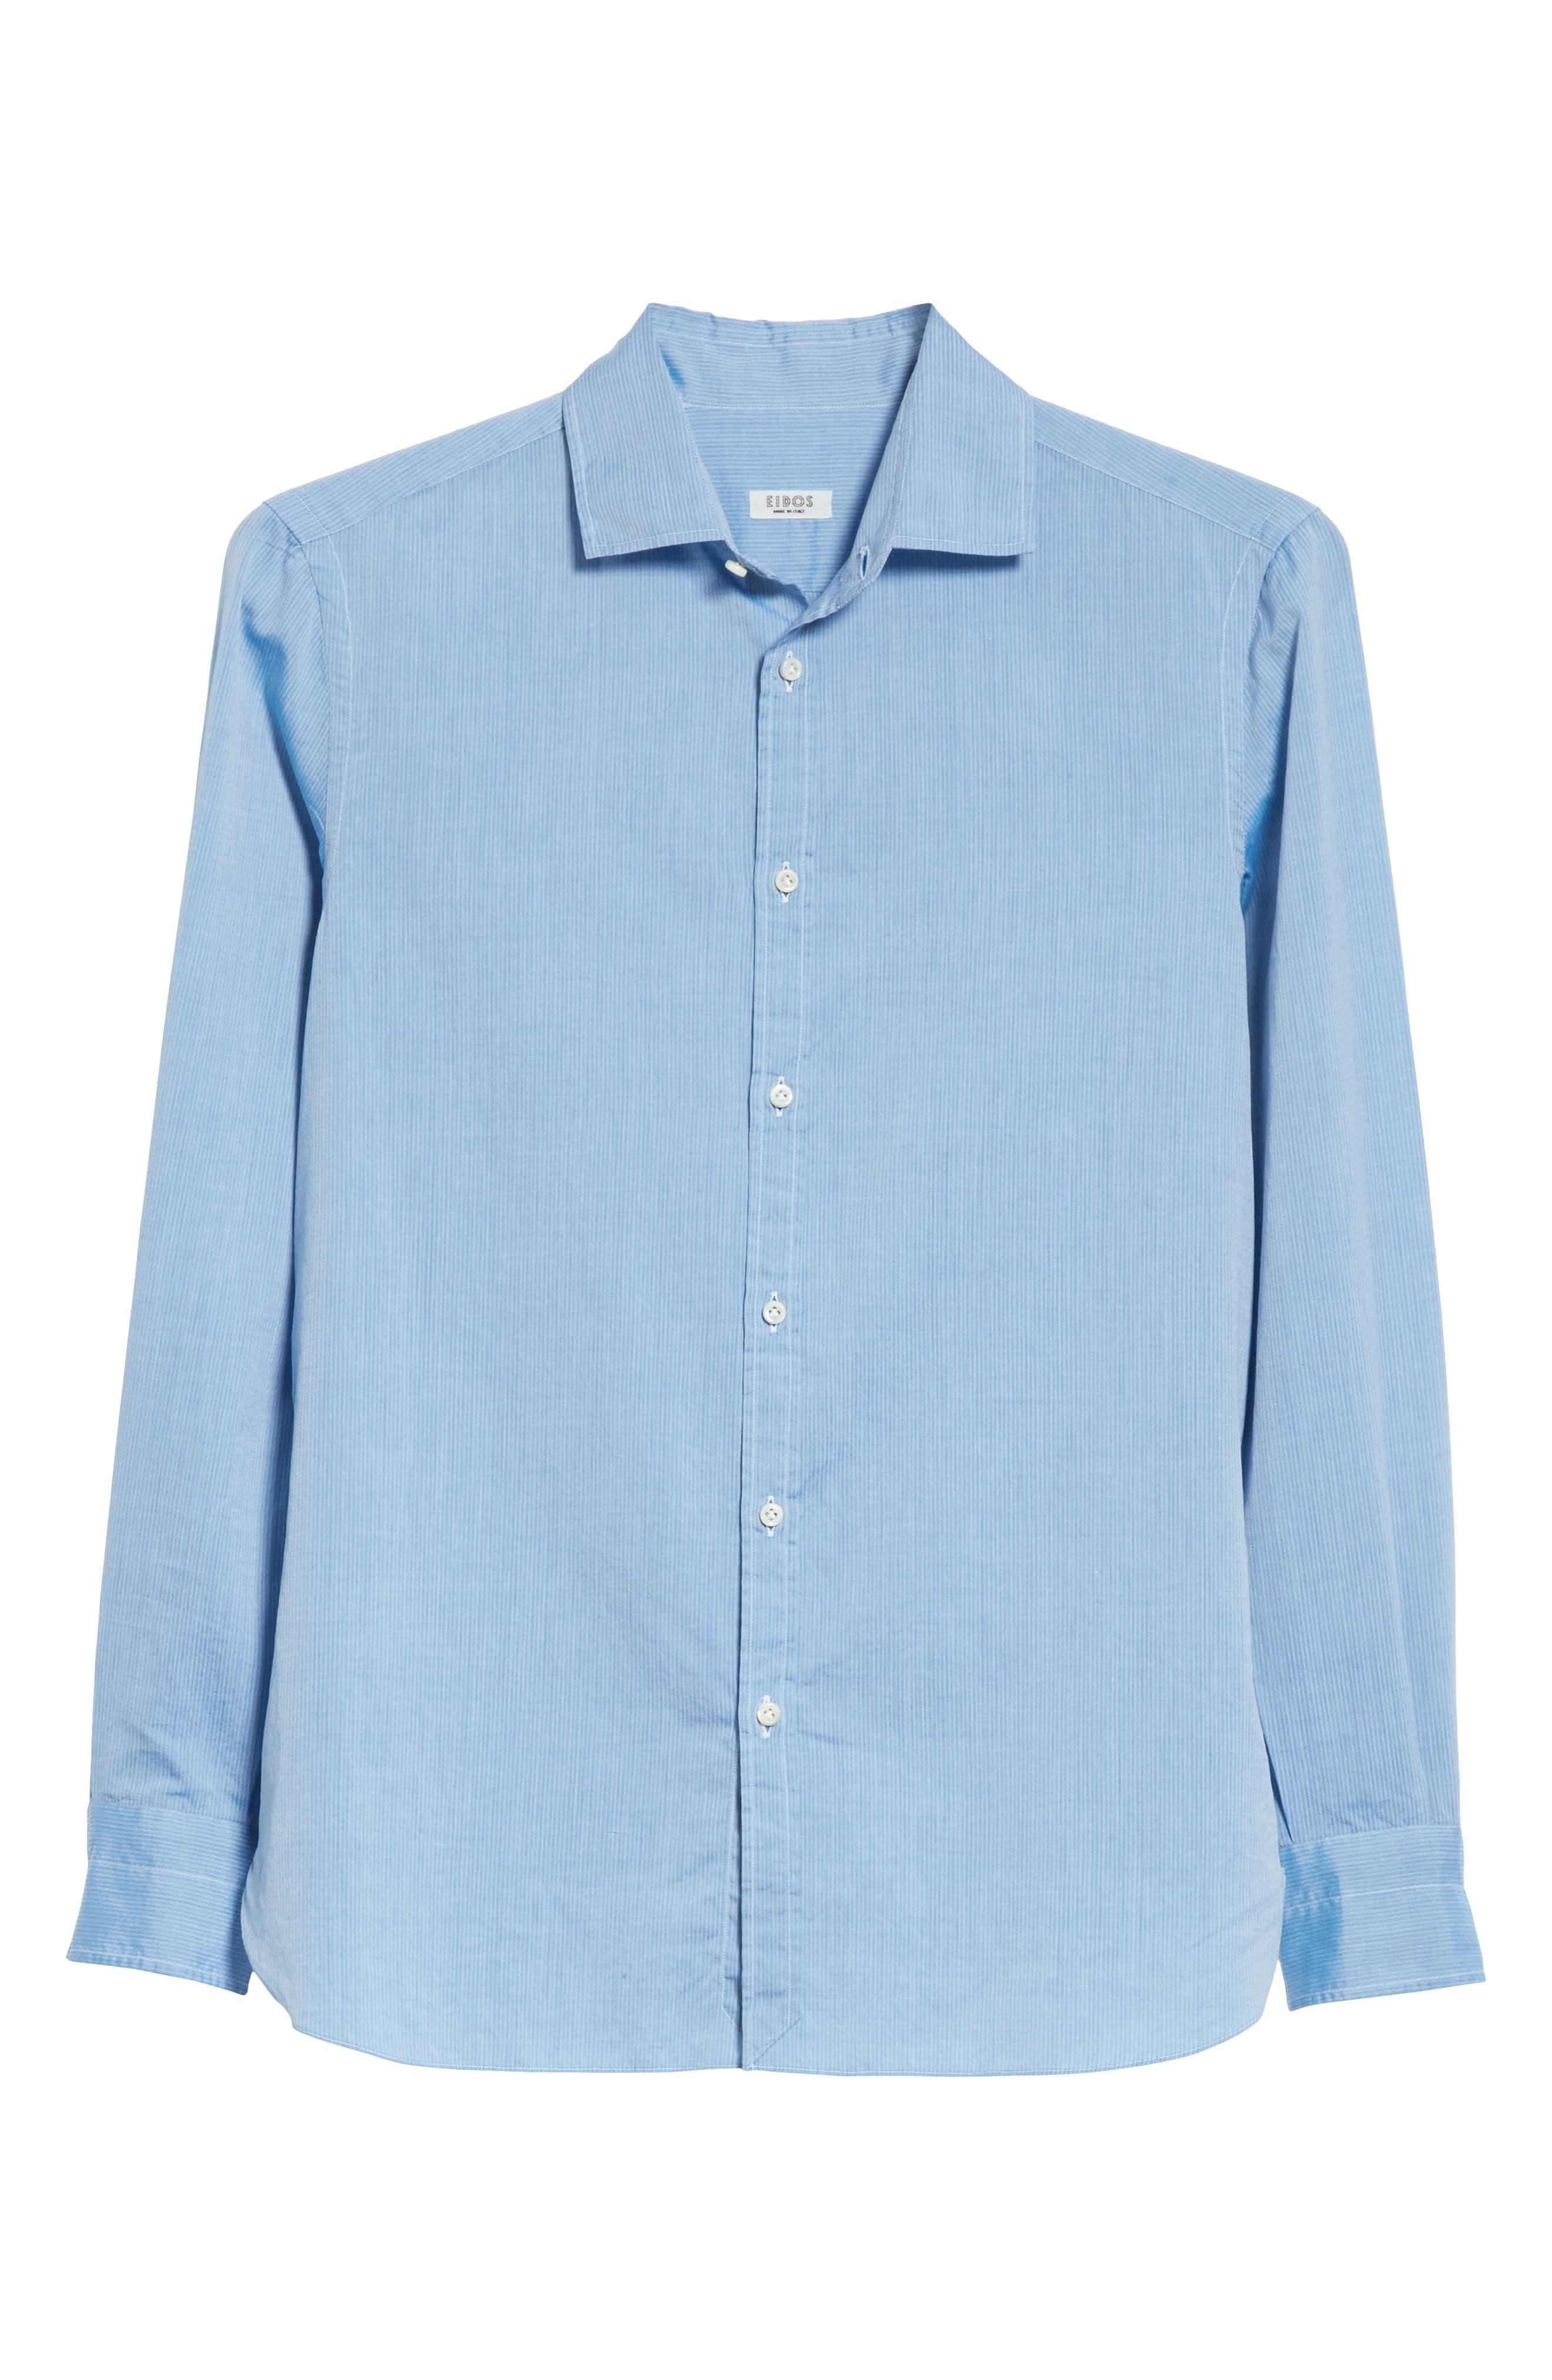 Napoli JB Washed Stripe Sport Shirt,                             Alternate thumbnail 6, color,                             400